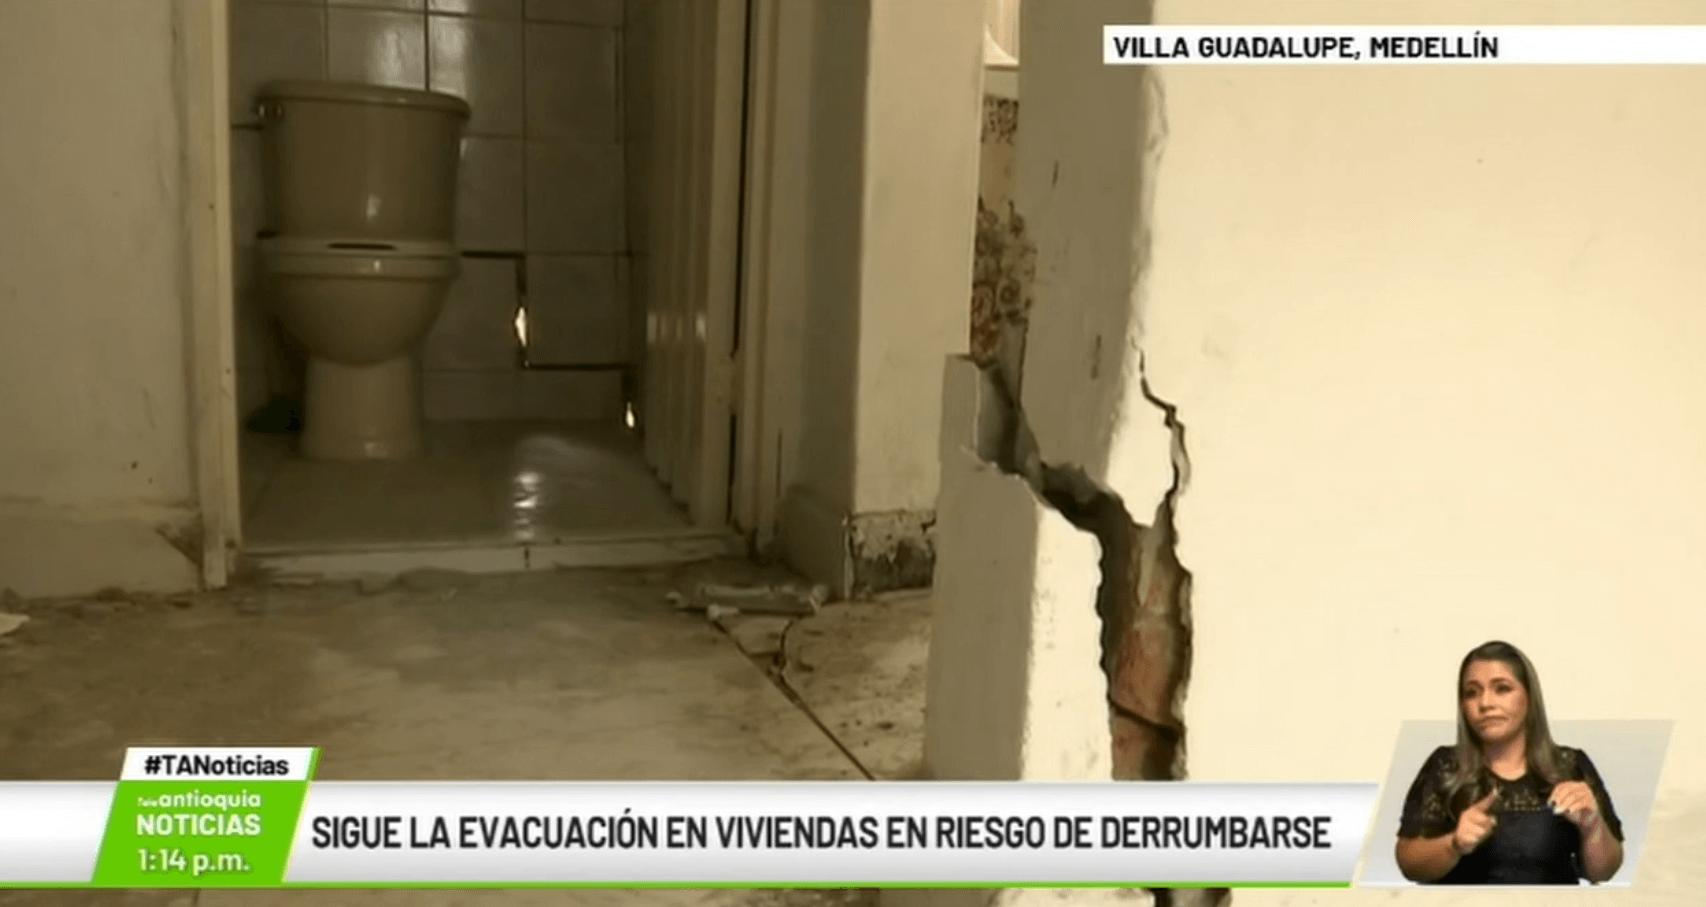 Sigue la evacuación en viviendas en riesgo de derrumbarse